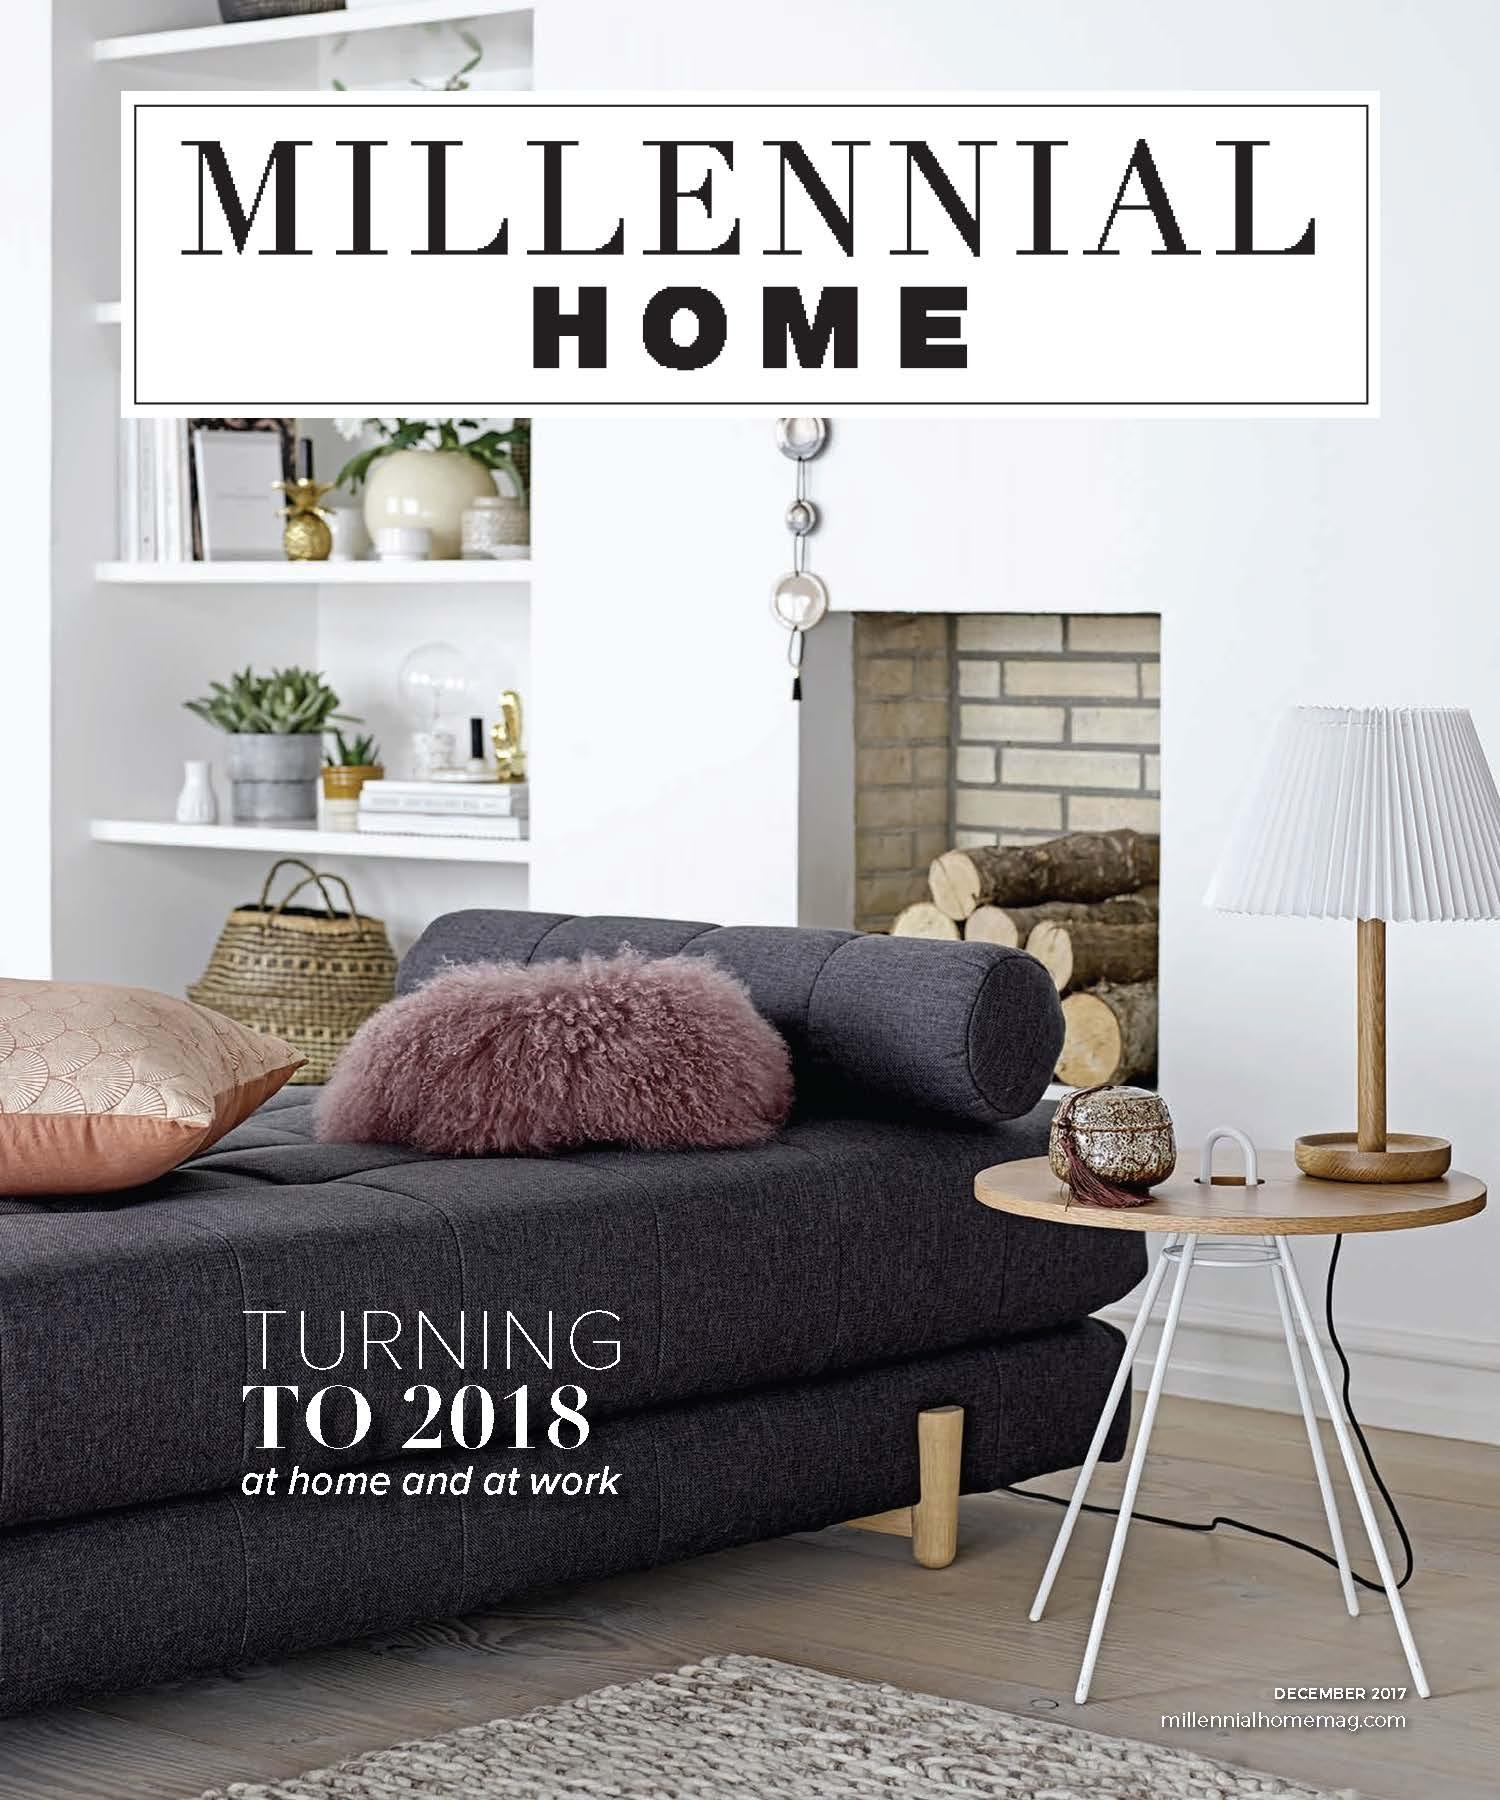 December 2017 Millennial Home